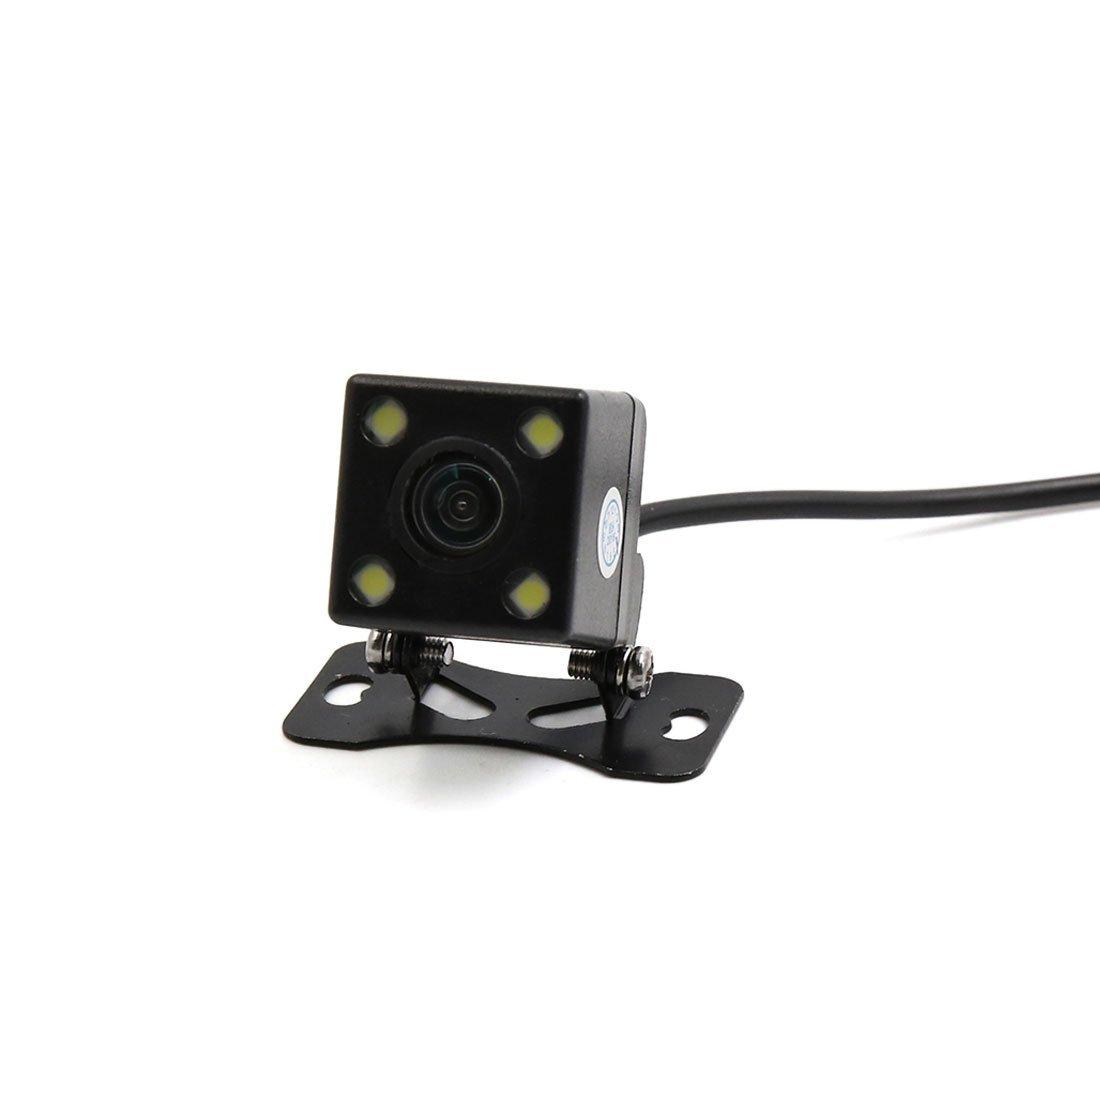 Amazon.com: eDealMax Monte tornillo Universal de 170 grados 580 líneas de TV LED CCD retrovisor copia de seguridad de la cámara del estacionamiento: Car ...